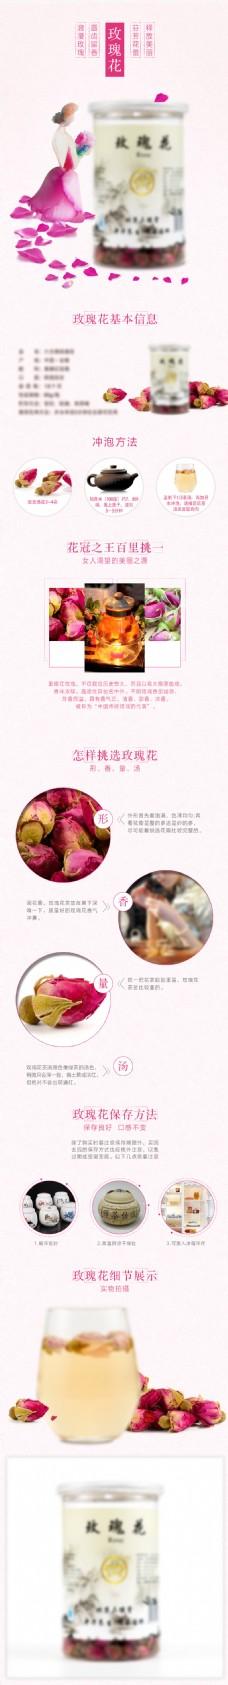 玫瑰花淘宝详情页